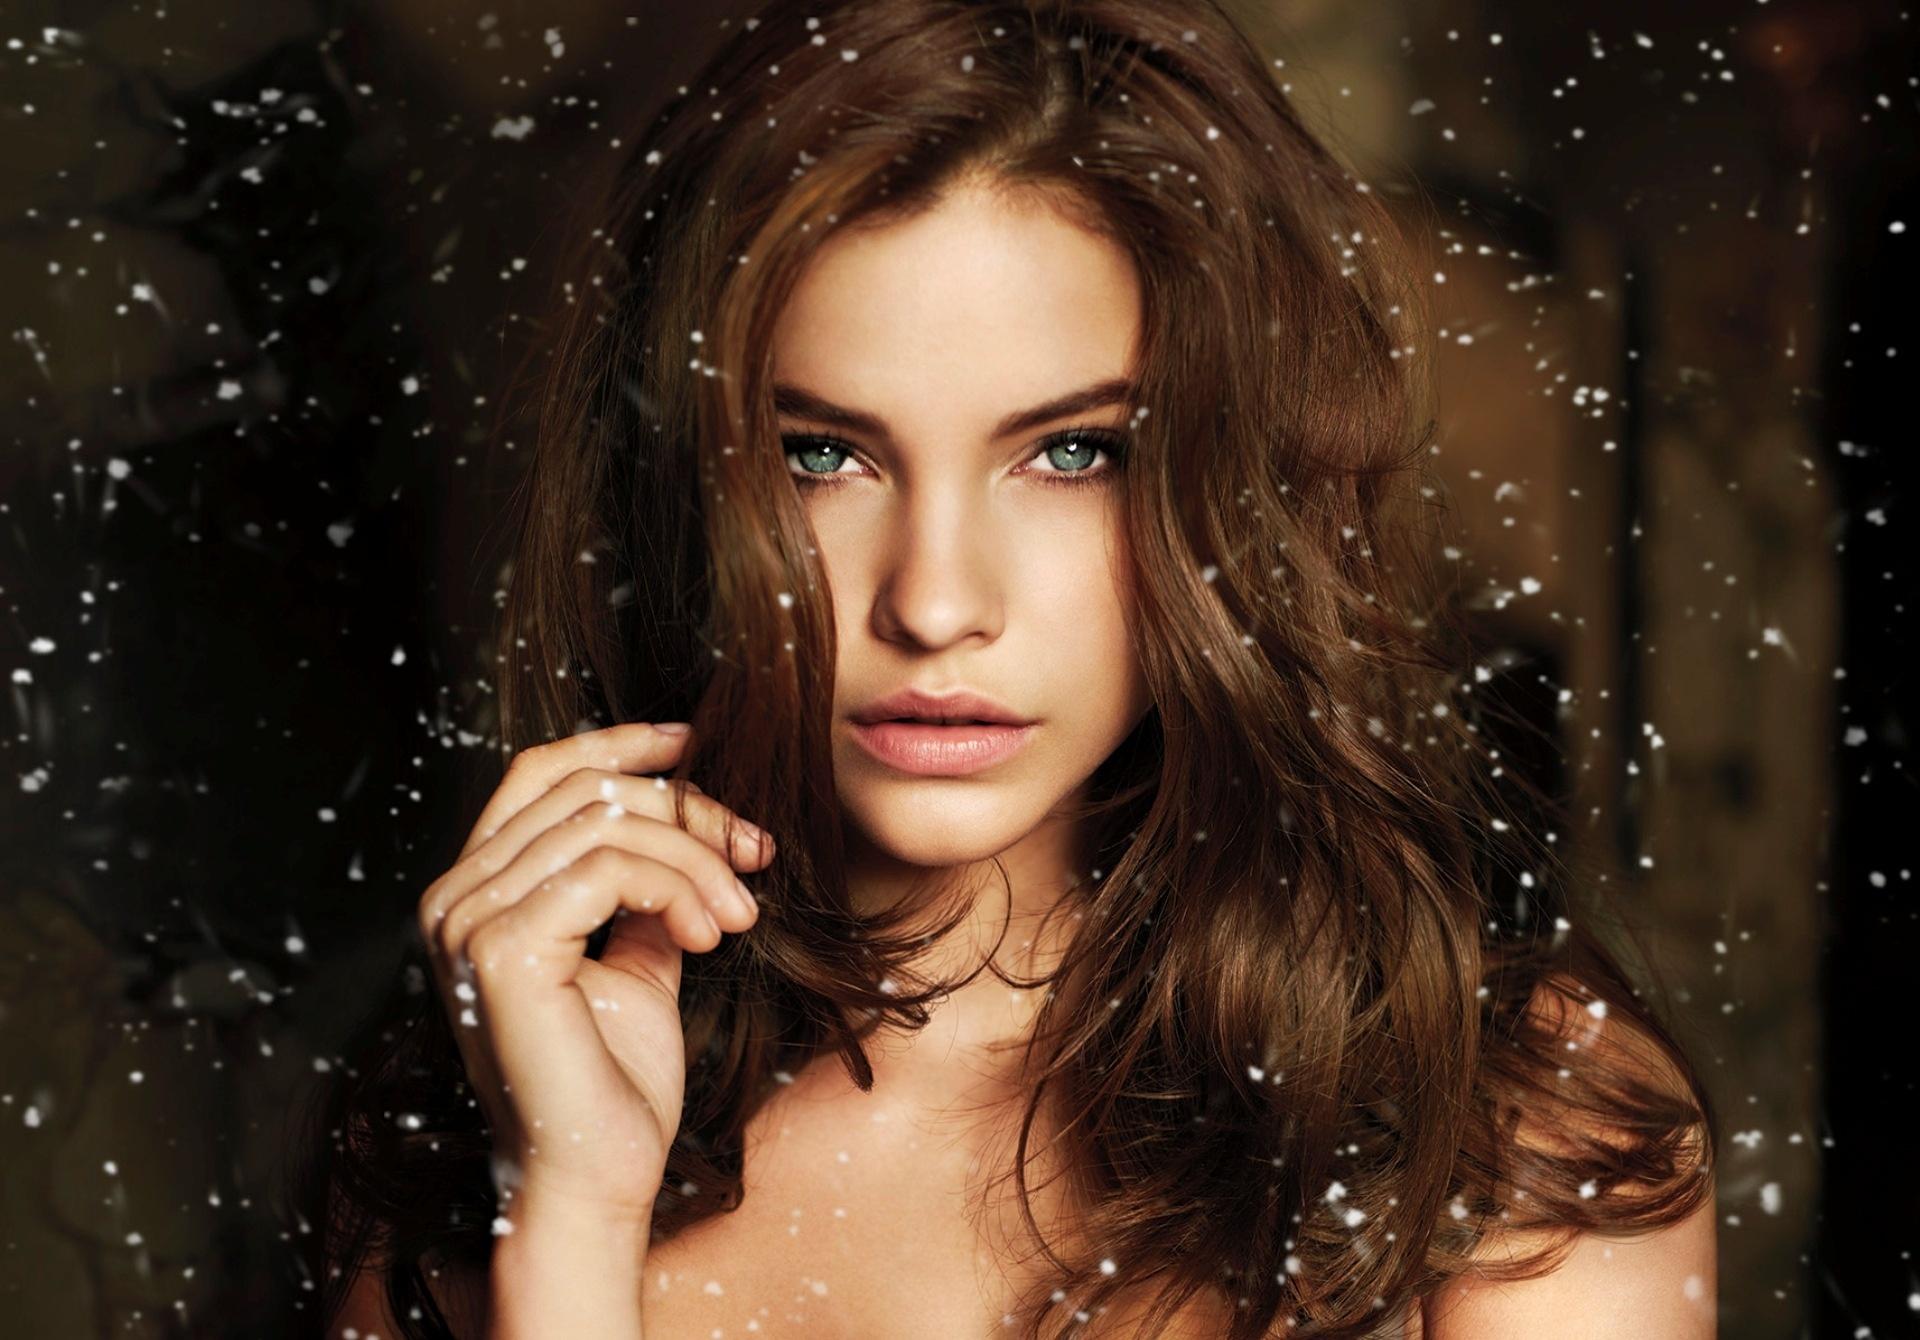 Beautiful Barbara Palvin Cute Look Free Desktop Mobile